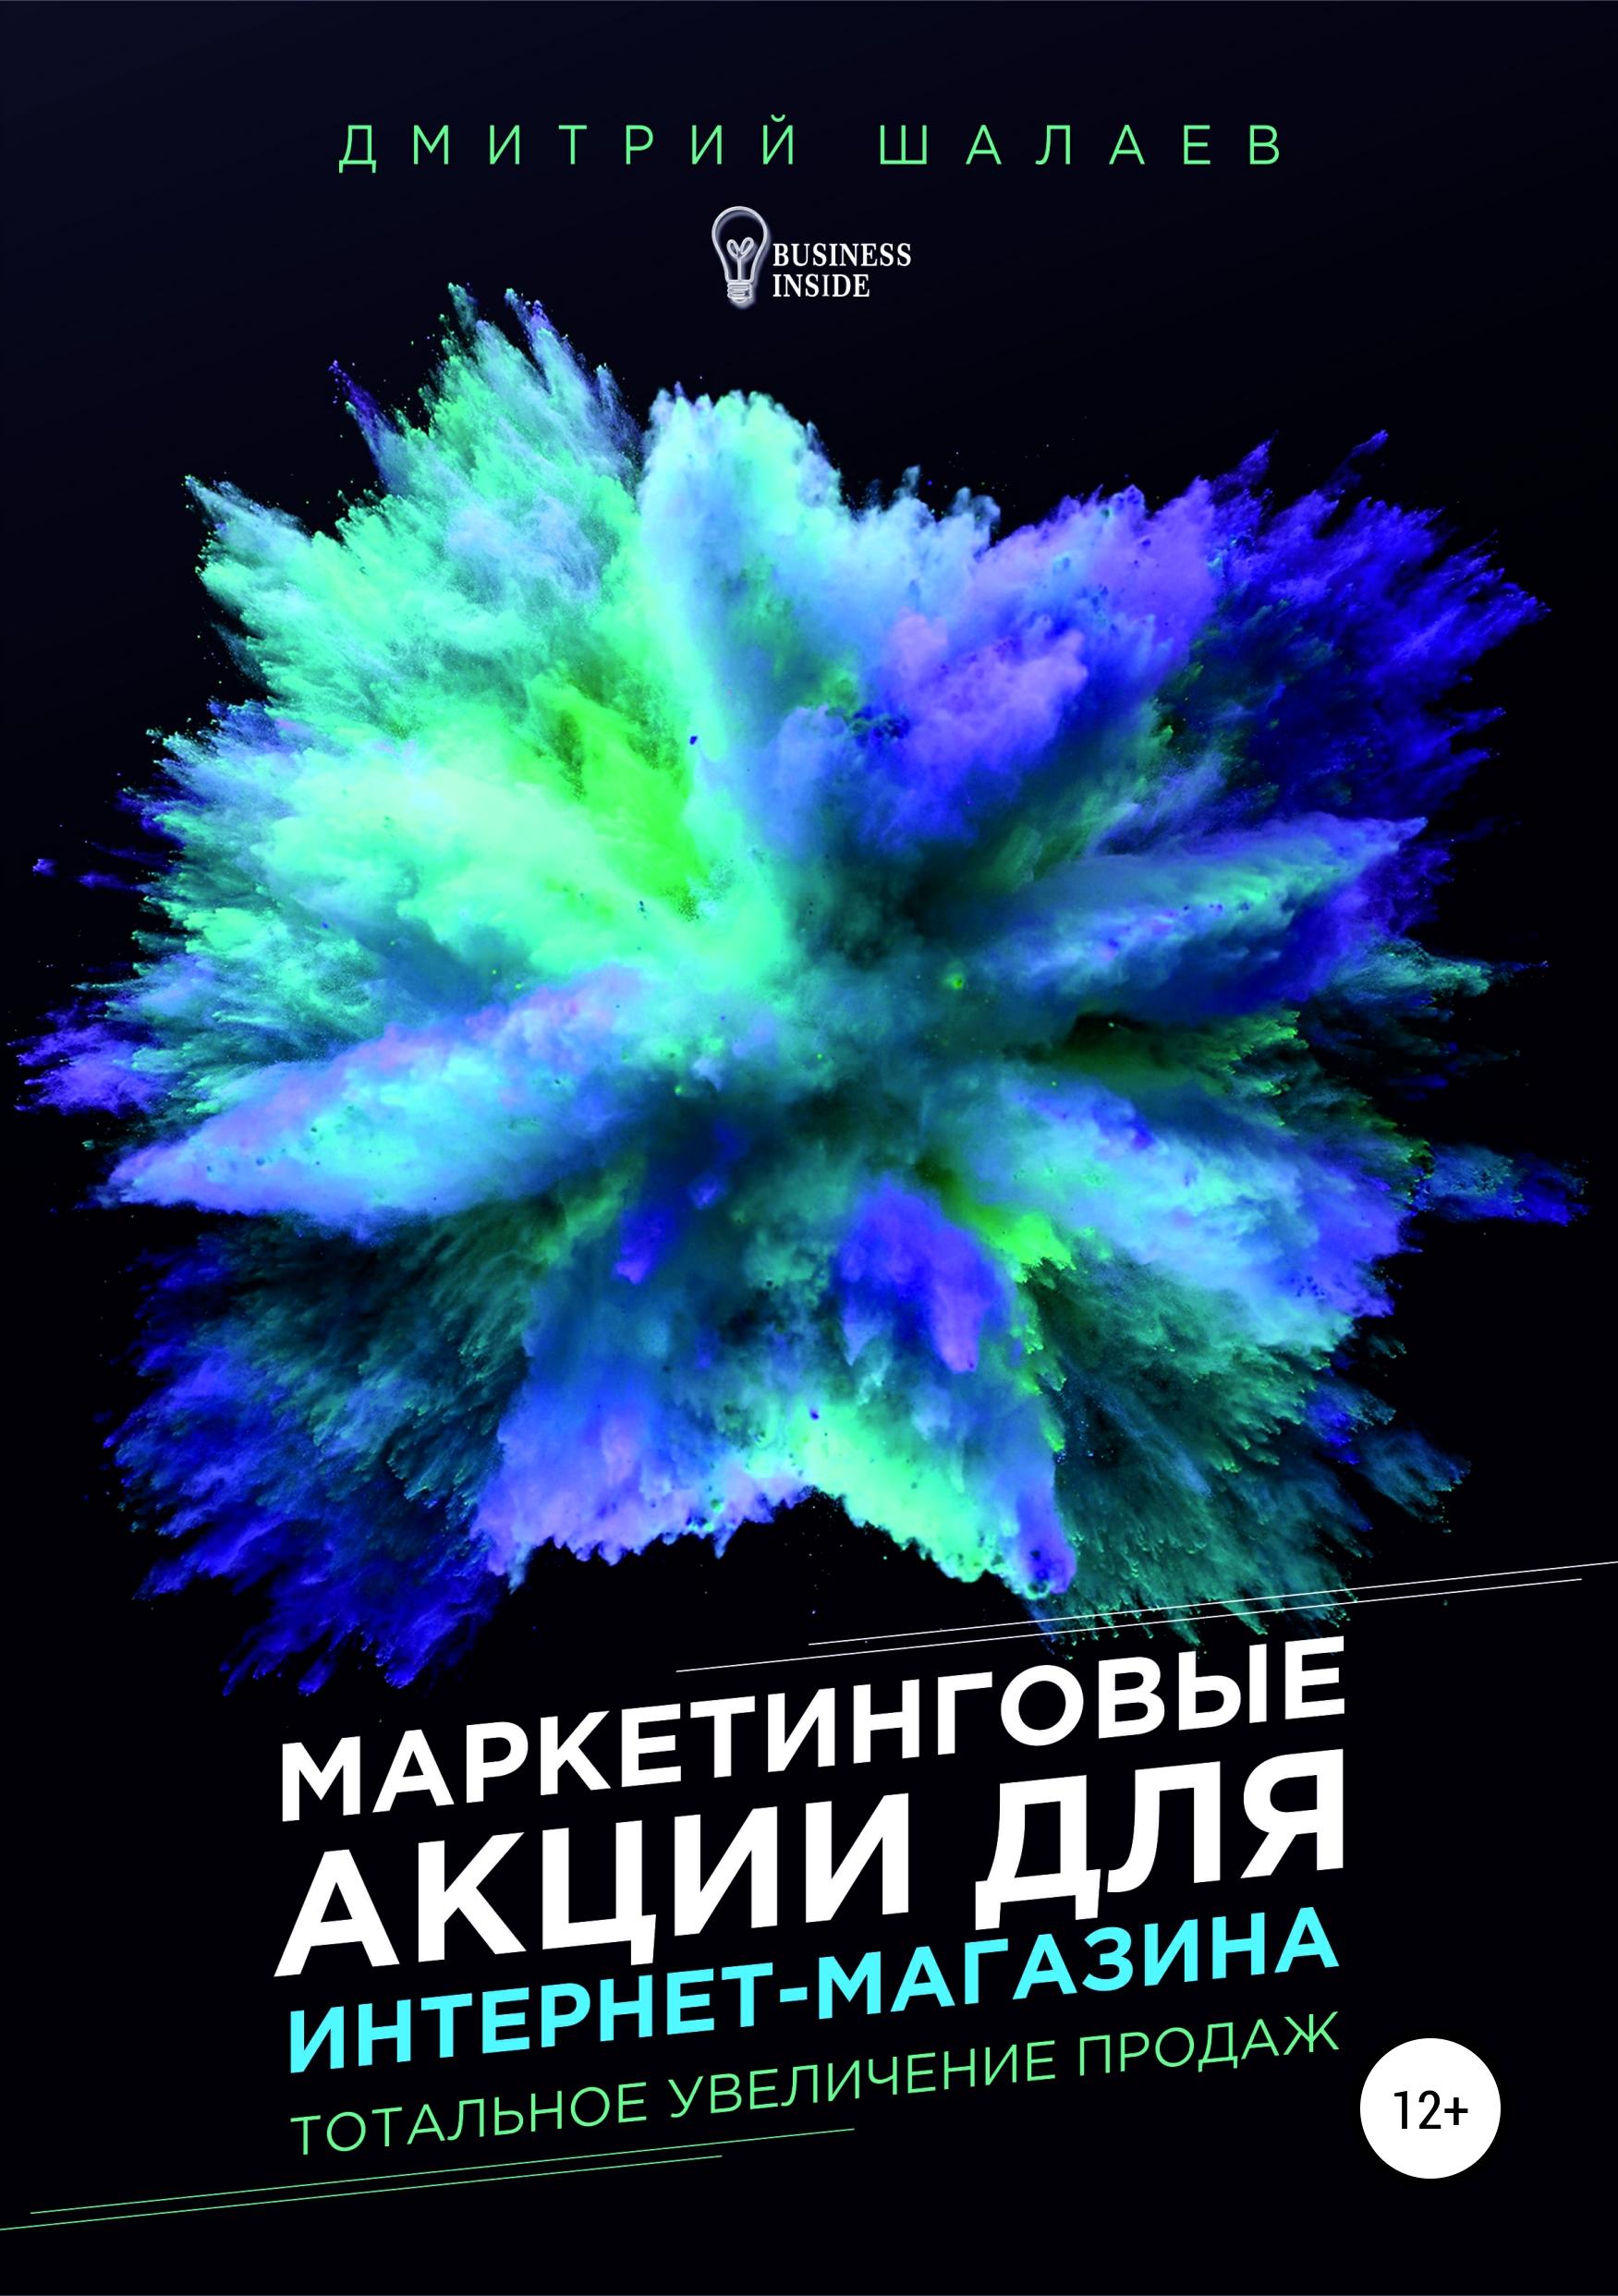 Обложка книги. Автор - Дмитрий Шалаев